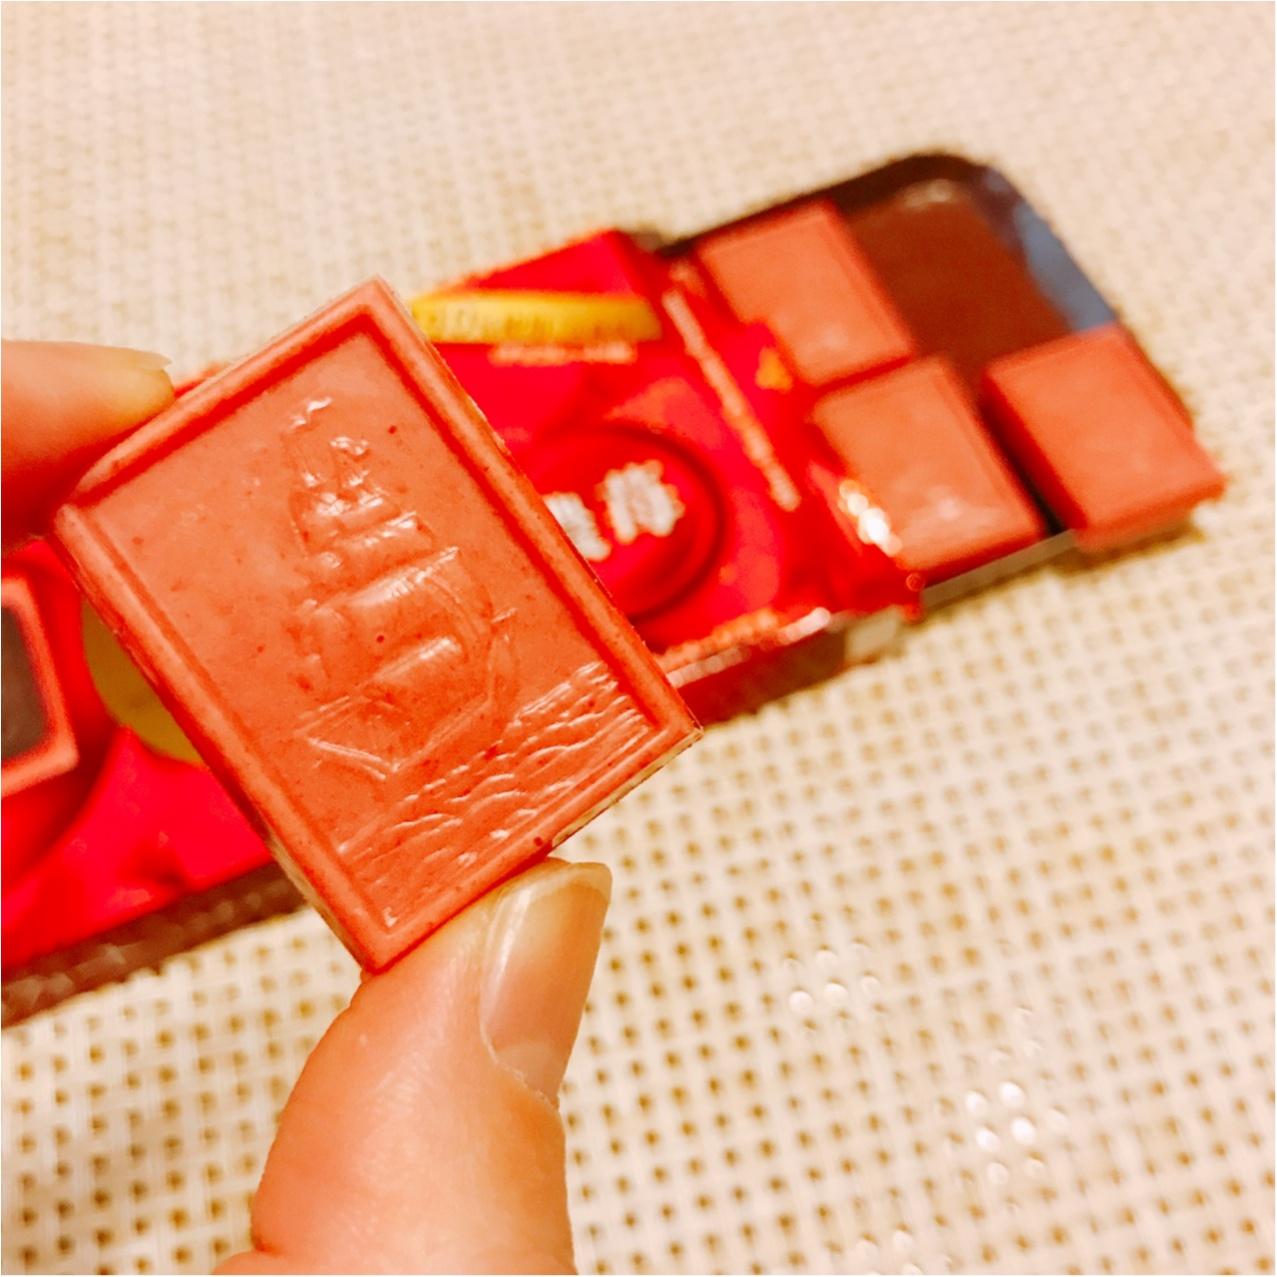 苺好きは絶対食べなきゃ♡《アルフォートミニチョコレートプレミアム濃苺》が登場!_3